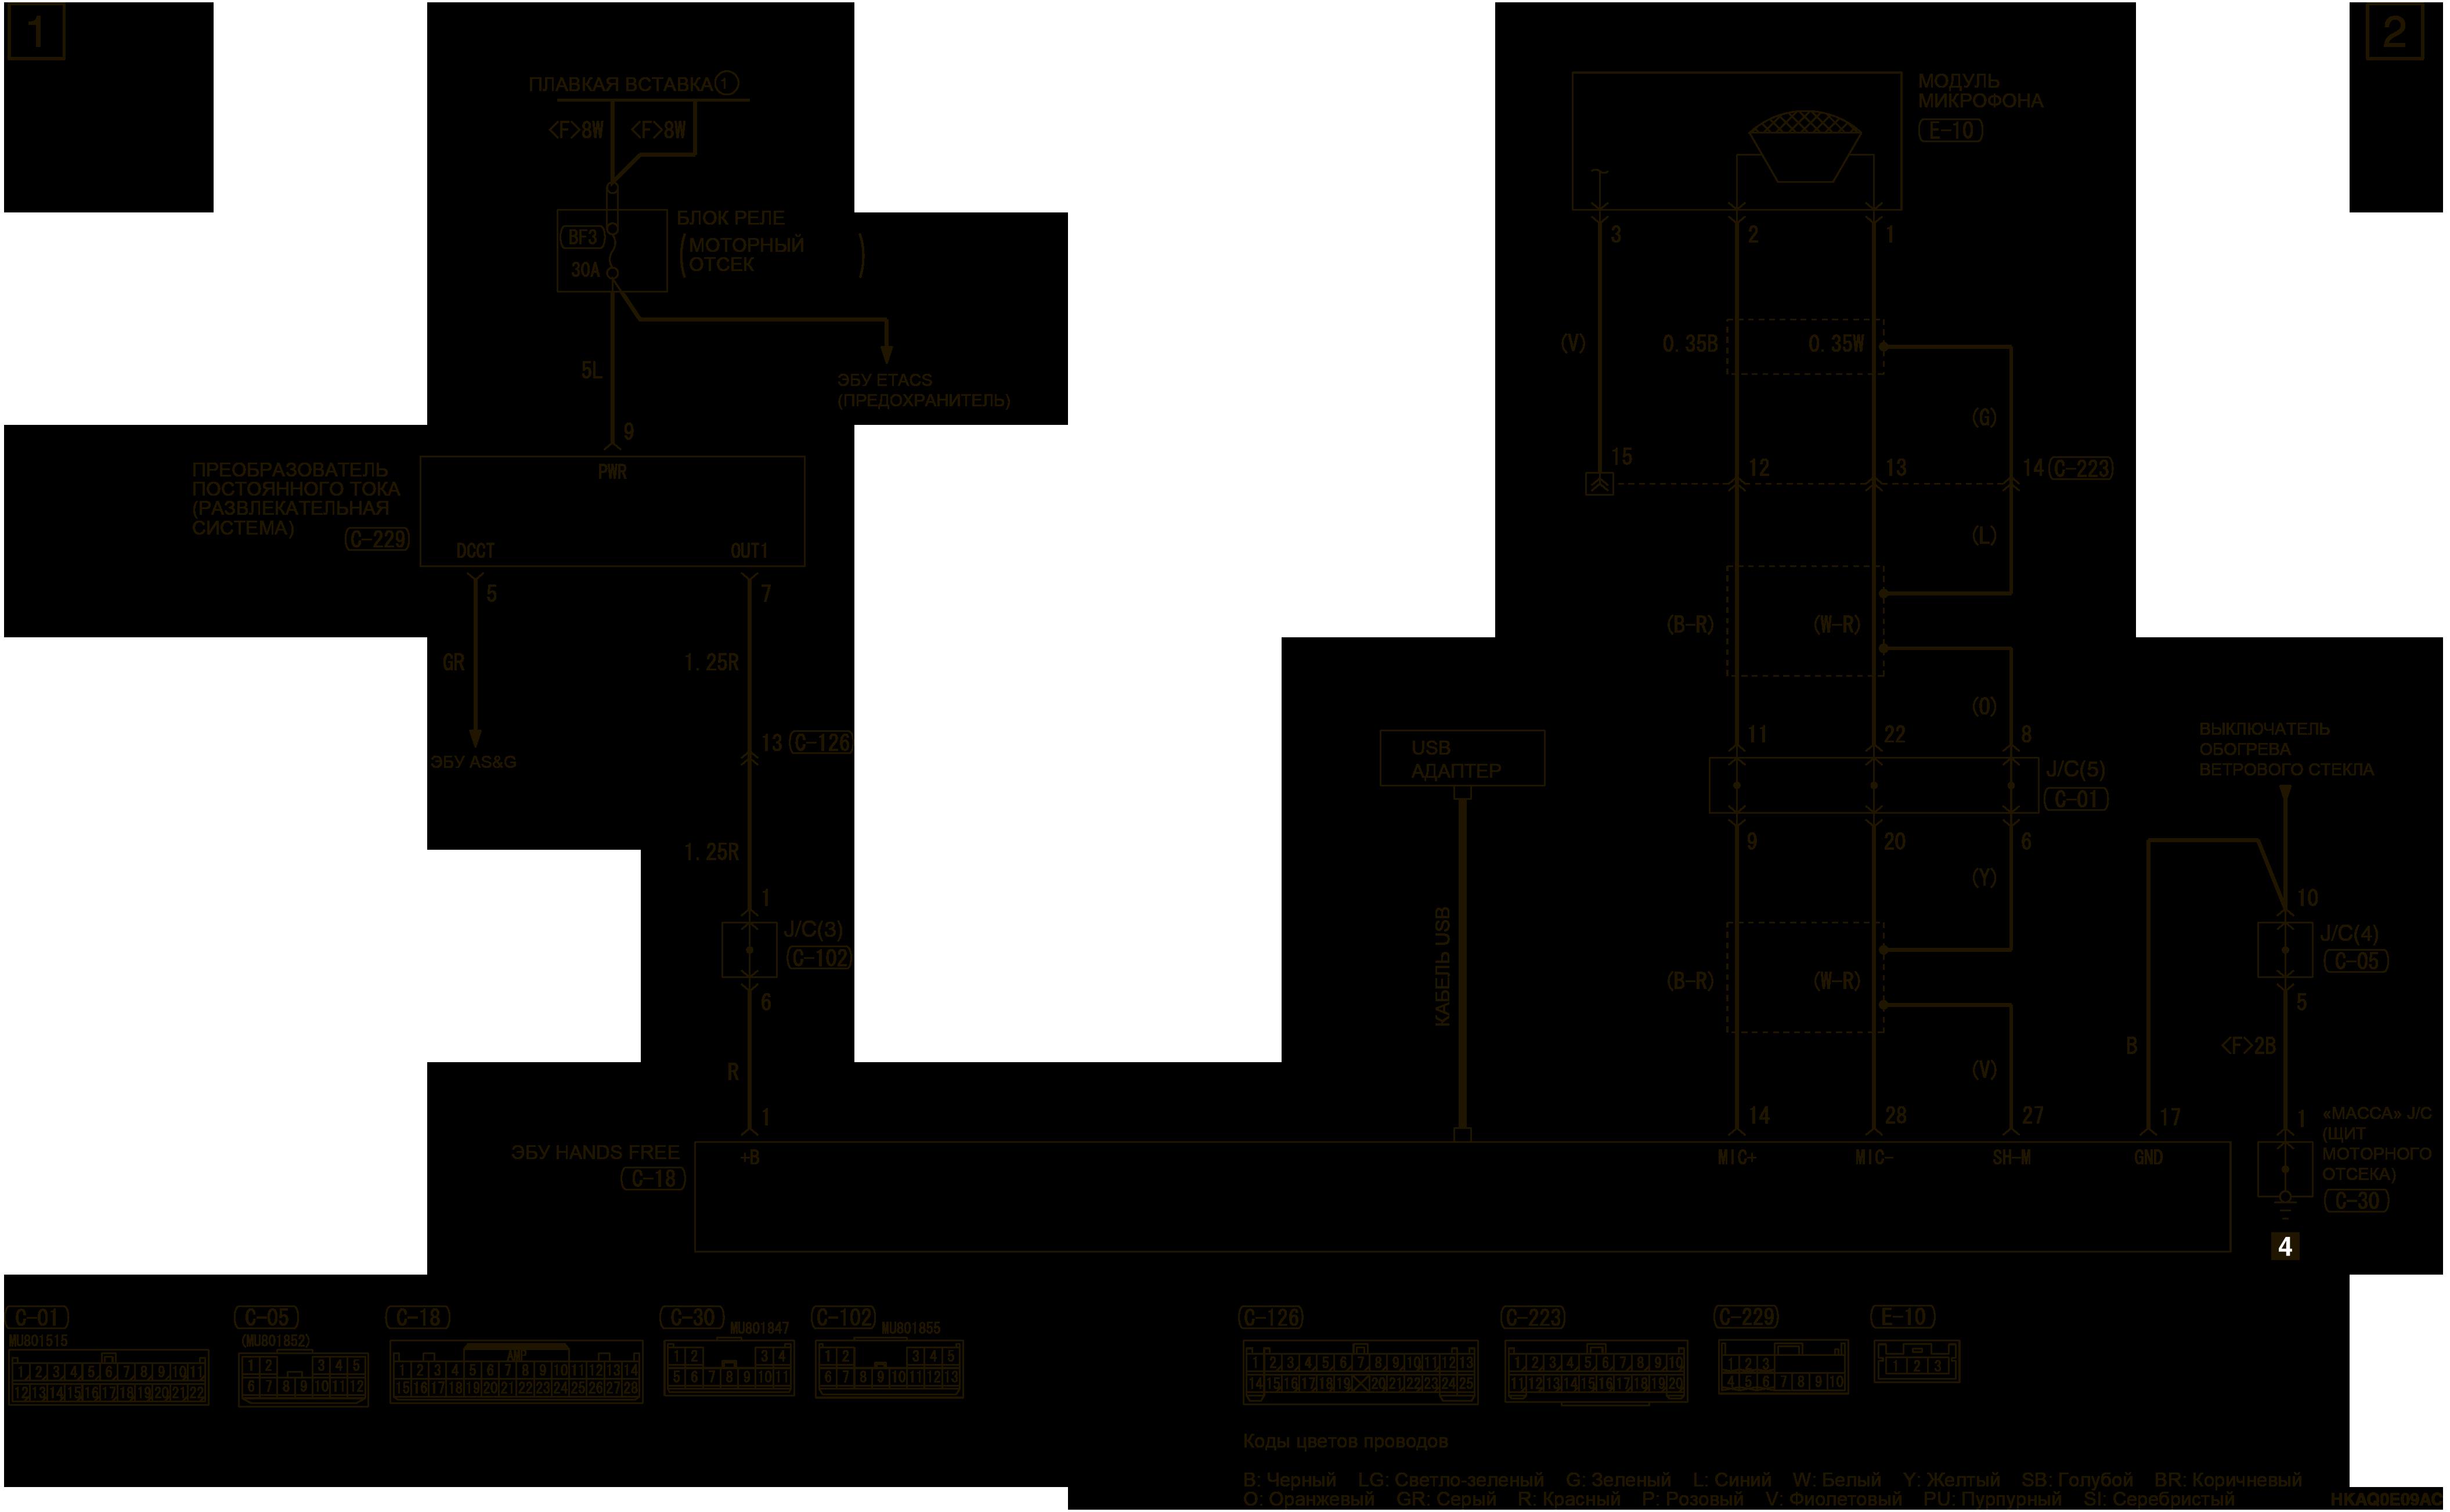 mmc аутлендер 3 2019 электросхемаСИСТЕМА ИНТЕРФЕЙСА HANDS-FREE АВТОМОБИЛИ С СИСТЕМОЙ MMCS (ПРАВОСТОРОННЕЕ УПРАВЛЕНИЕ)